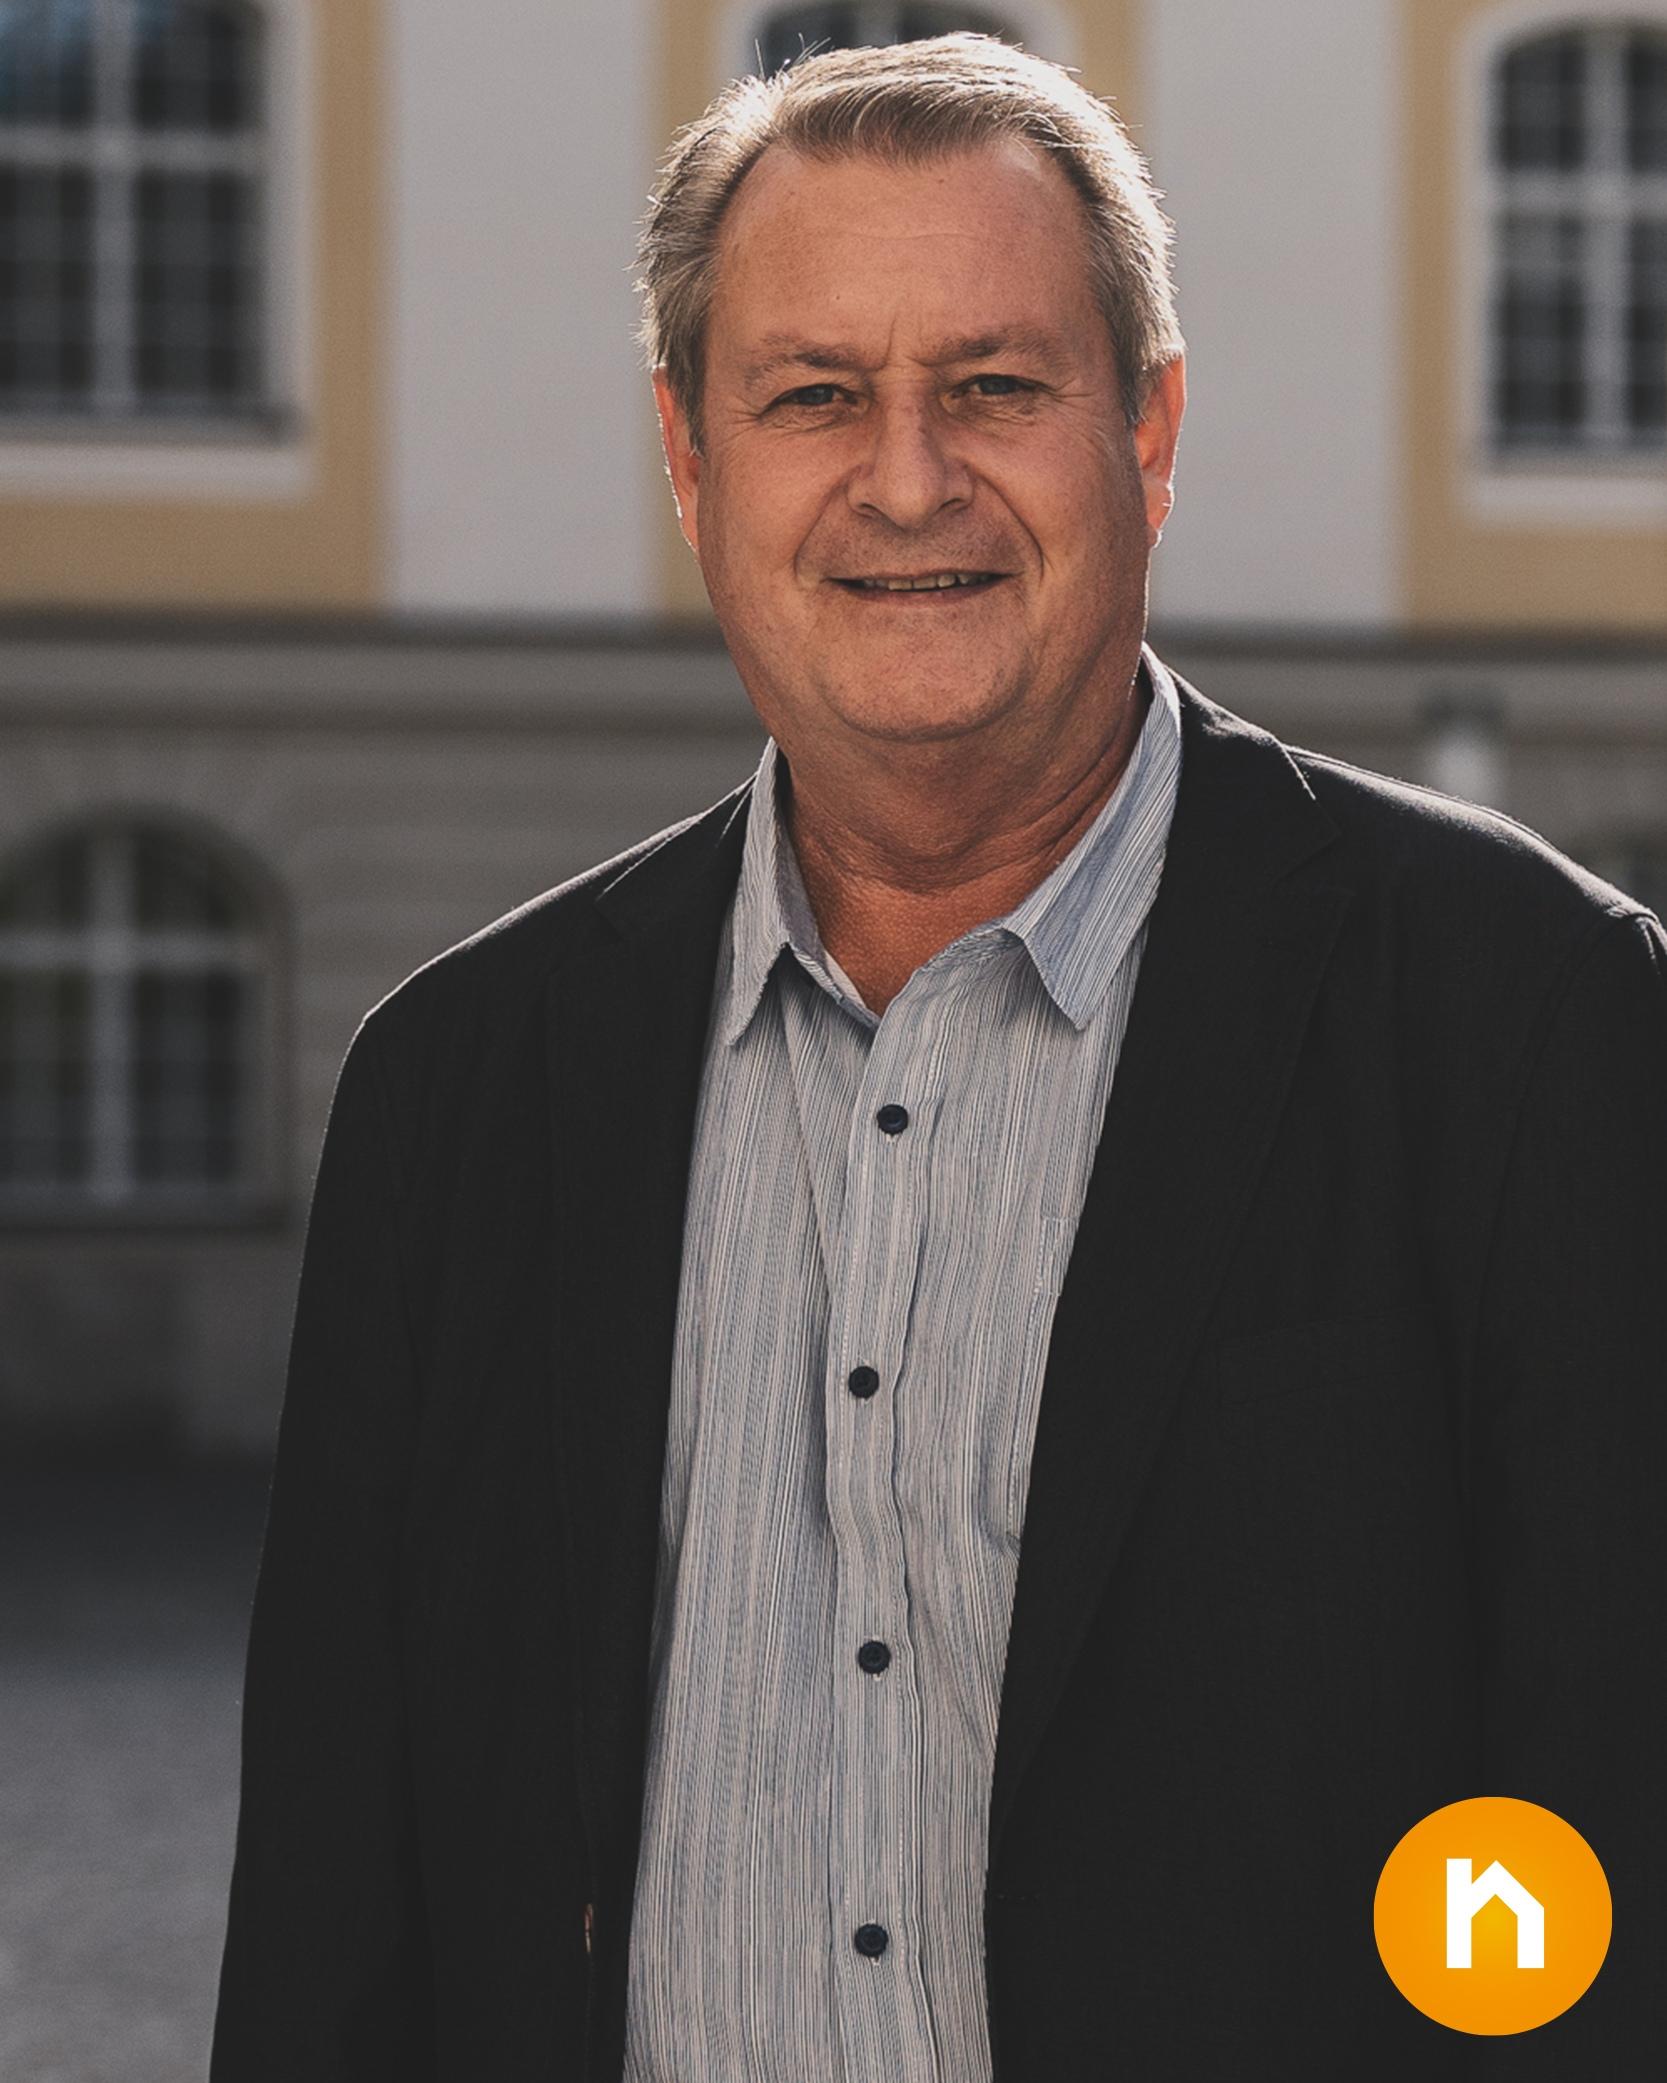 Peter Kotschate